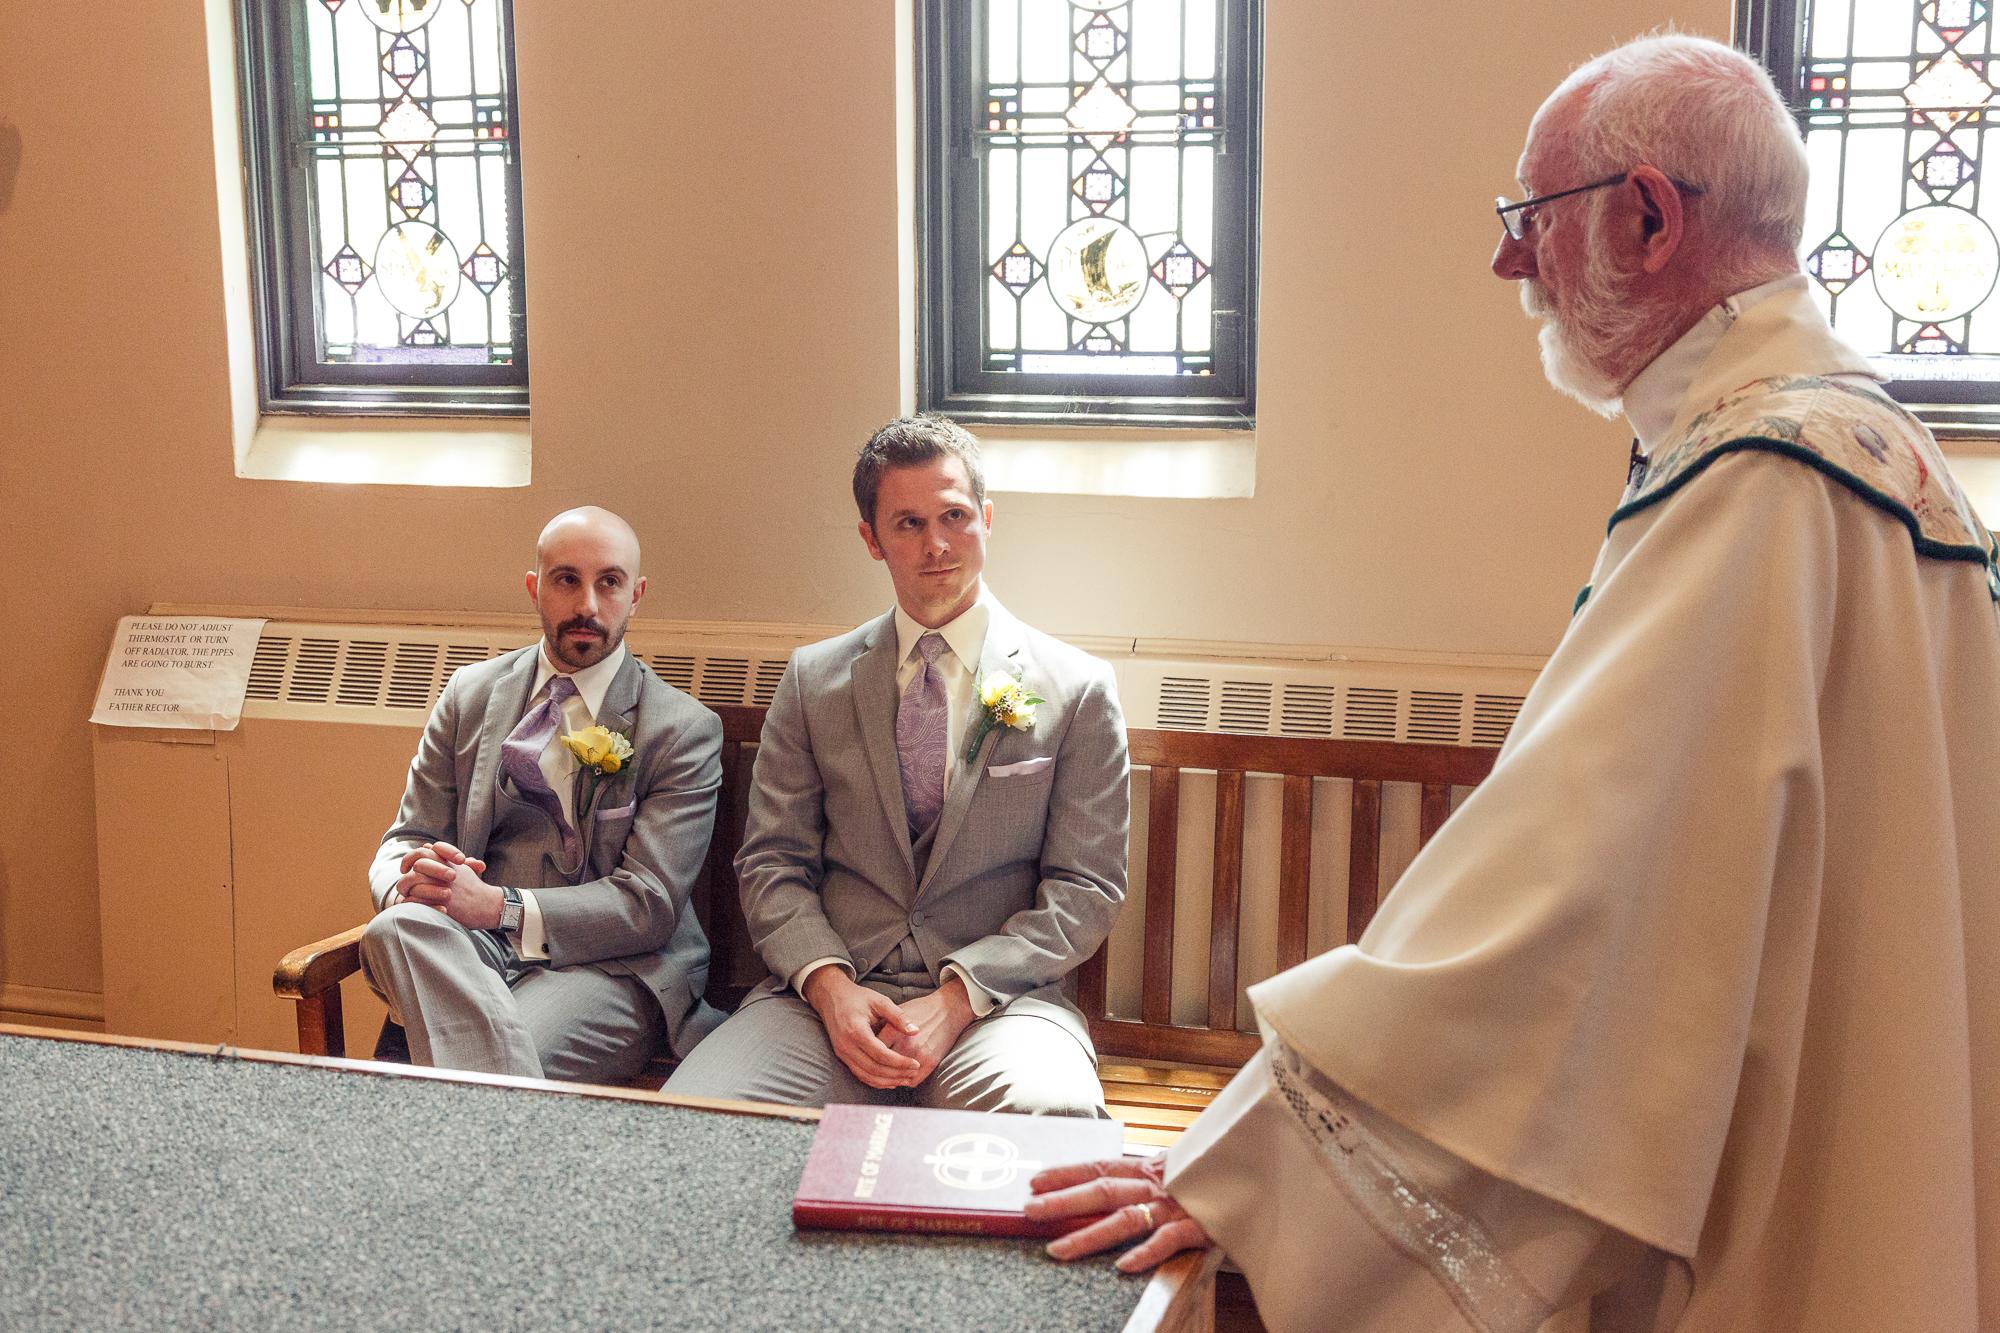 scranton-wedding-photography-zak-zavada-poconos--kellyGeoff-015.jpg